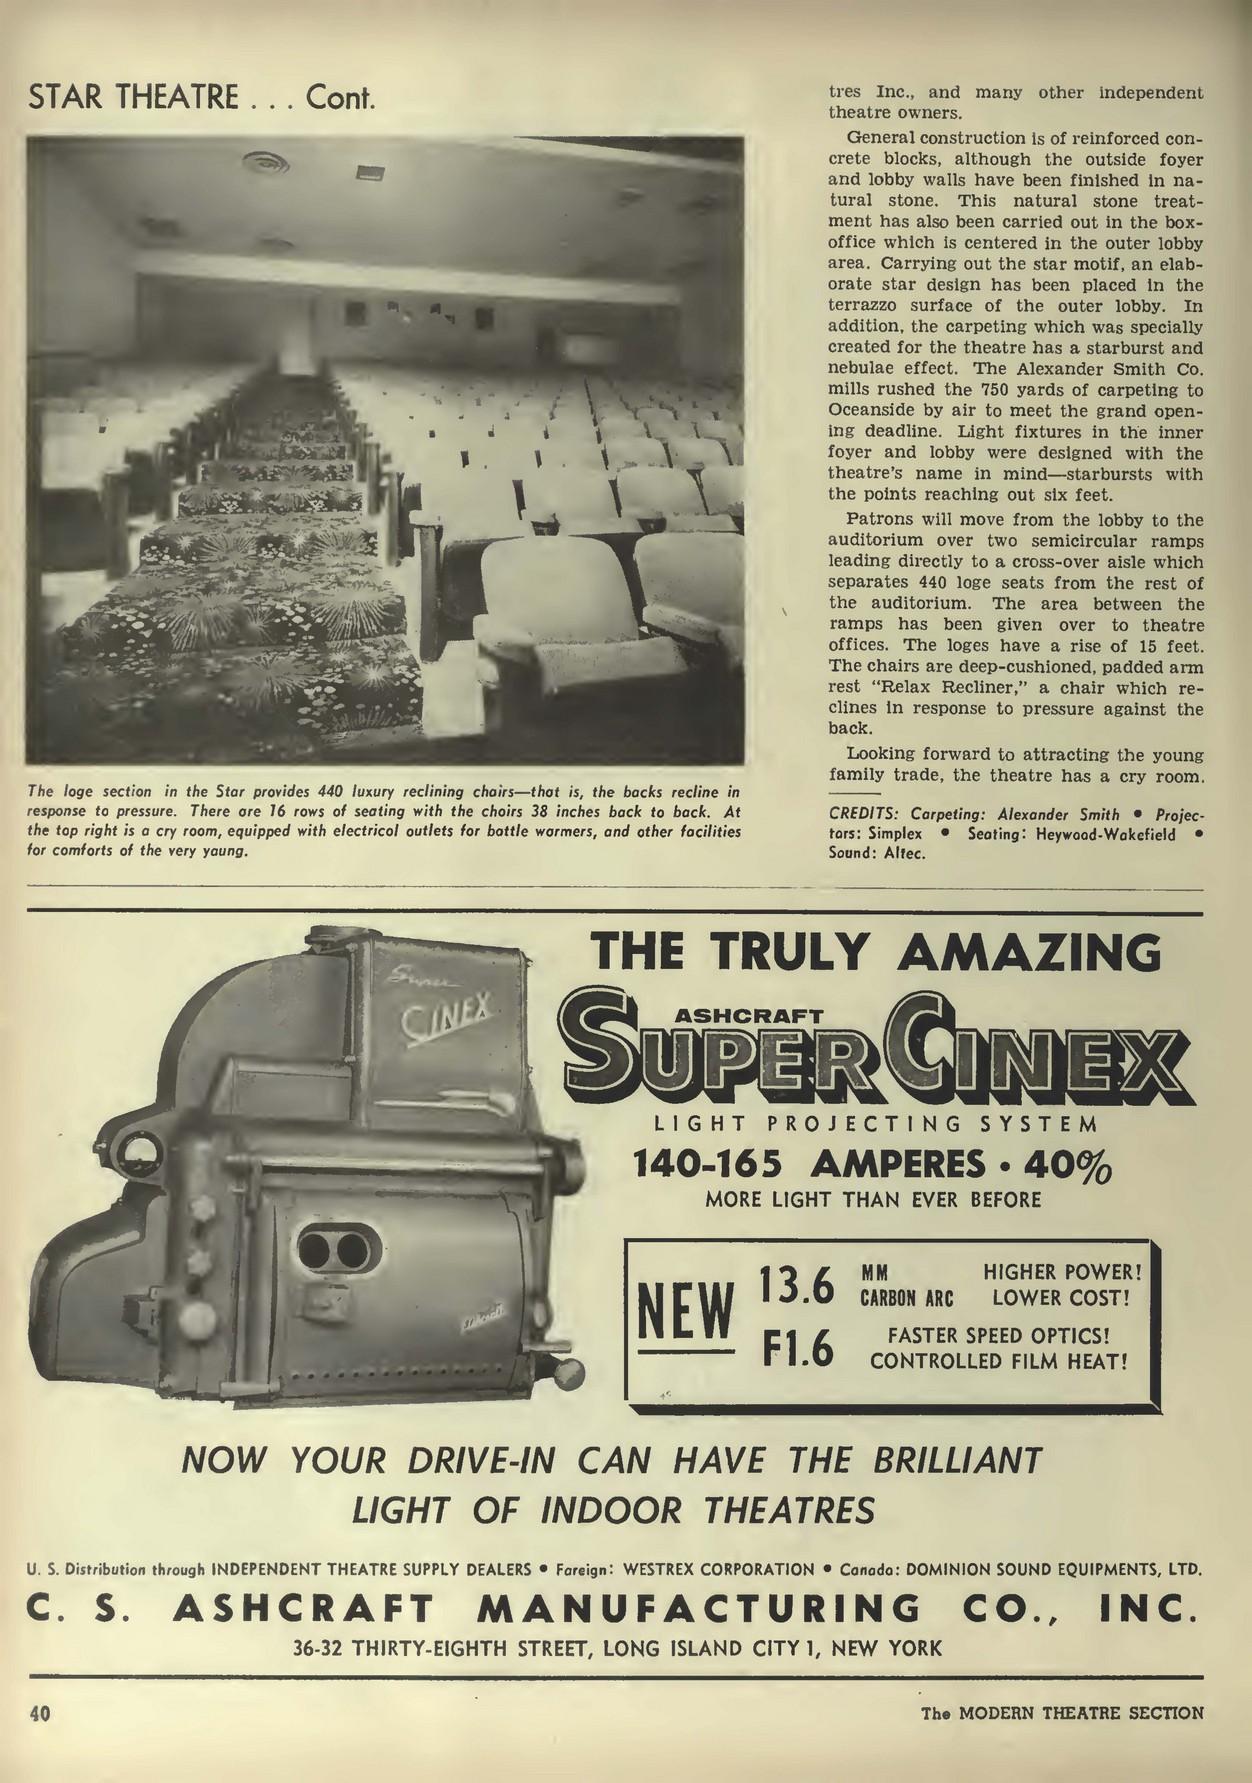 2boxoffice  10-20-1956 page 40